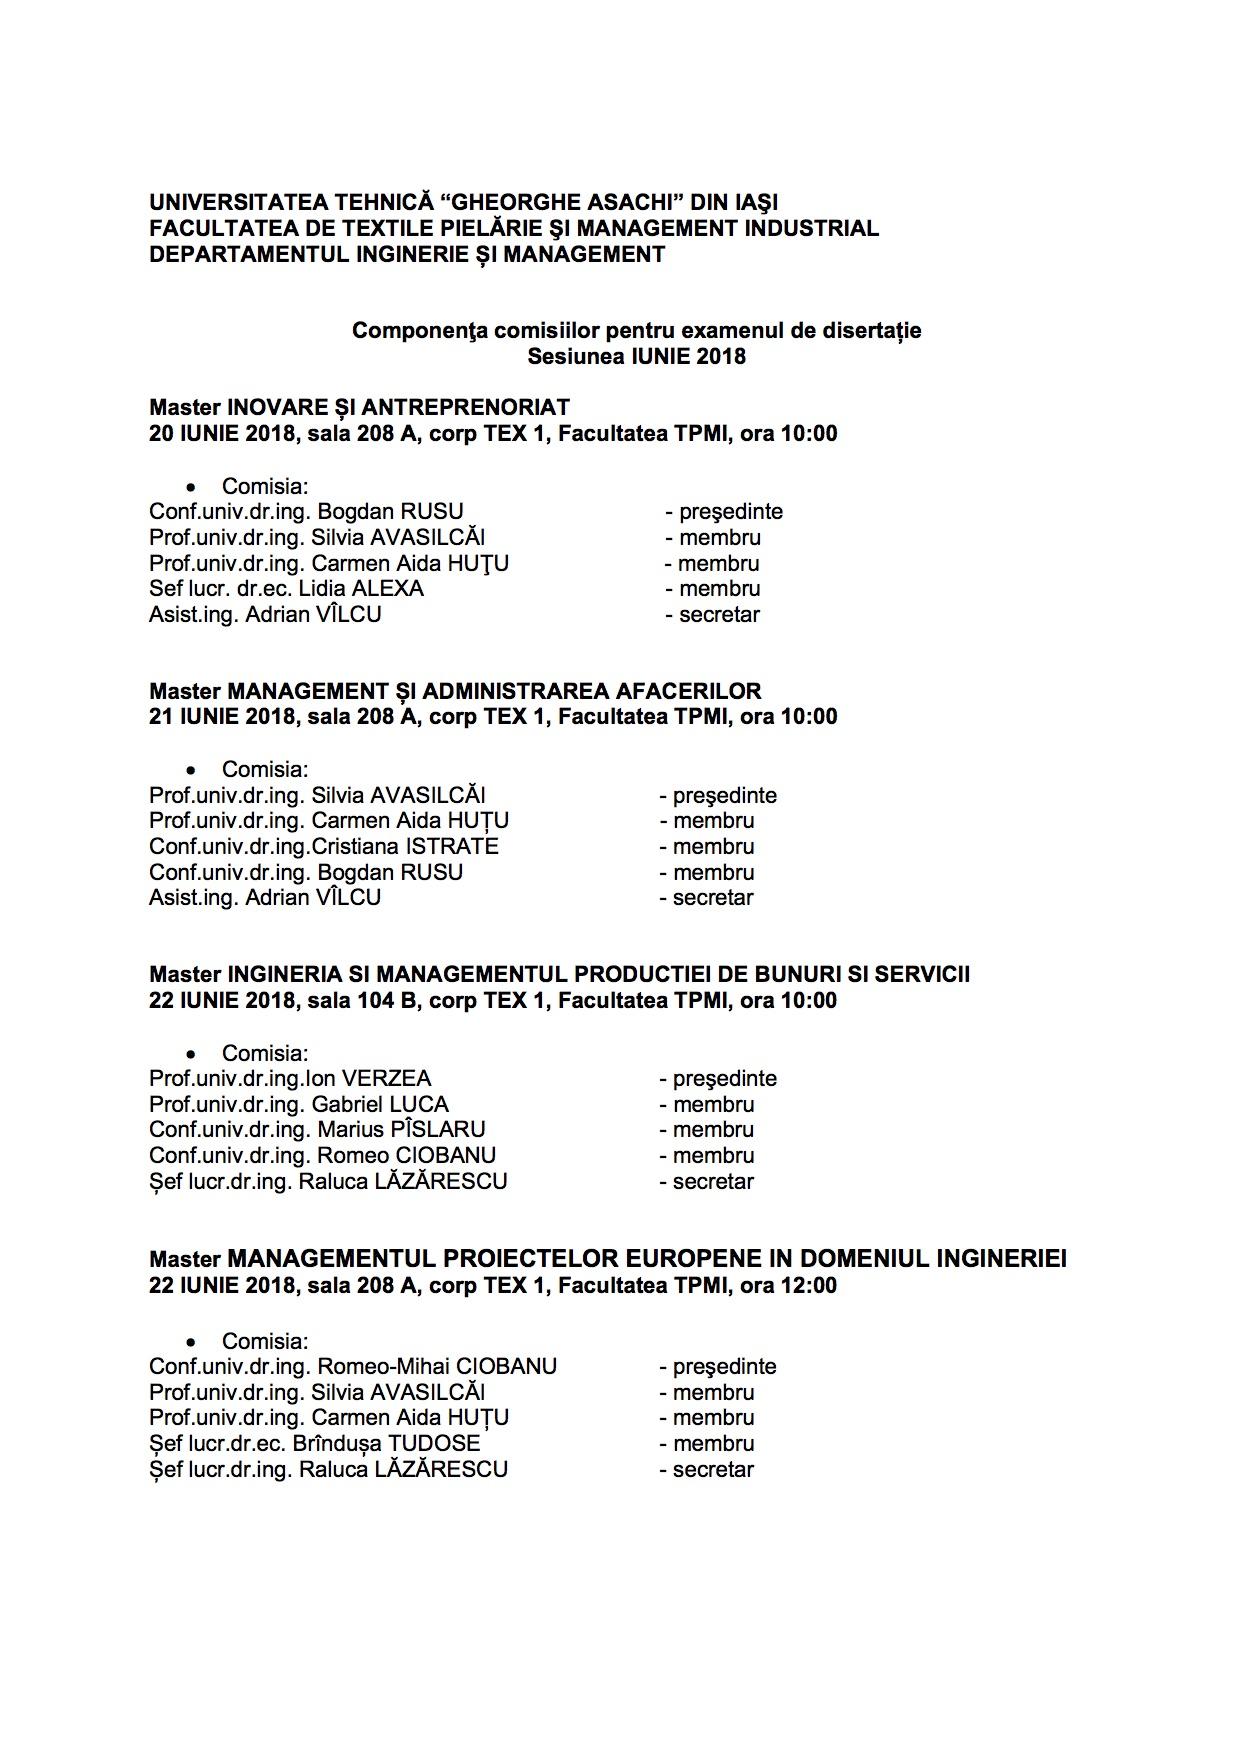 Finalizare studii Comisii examene disertatie Erata iunie